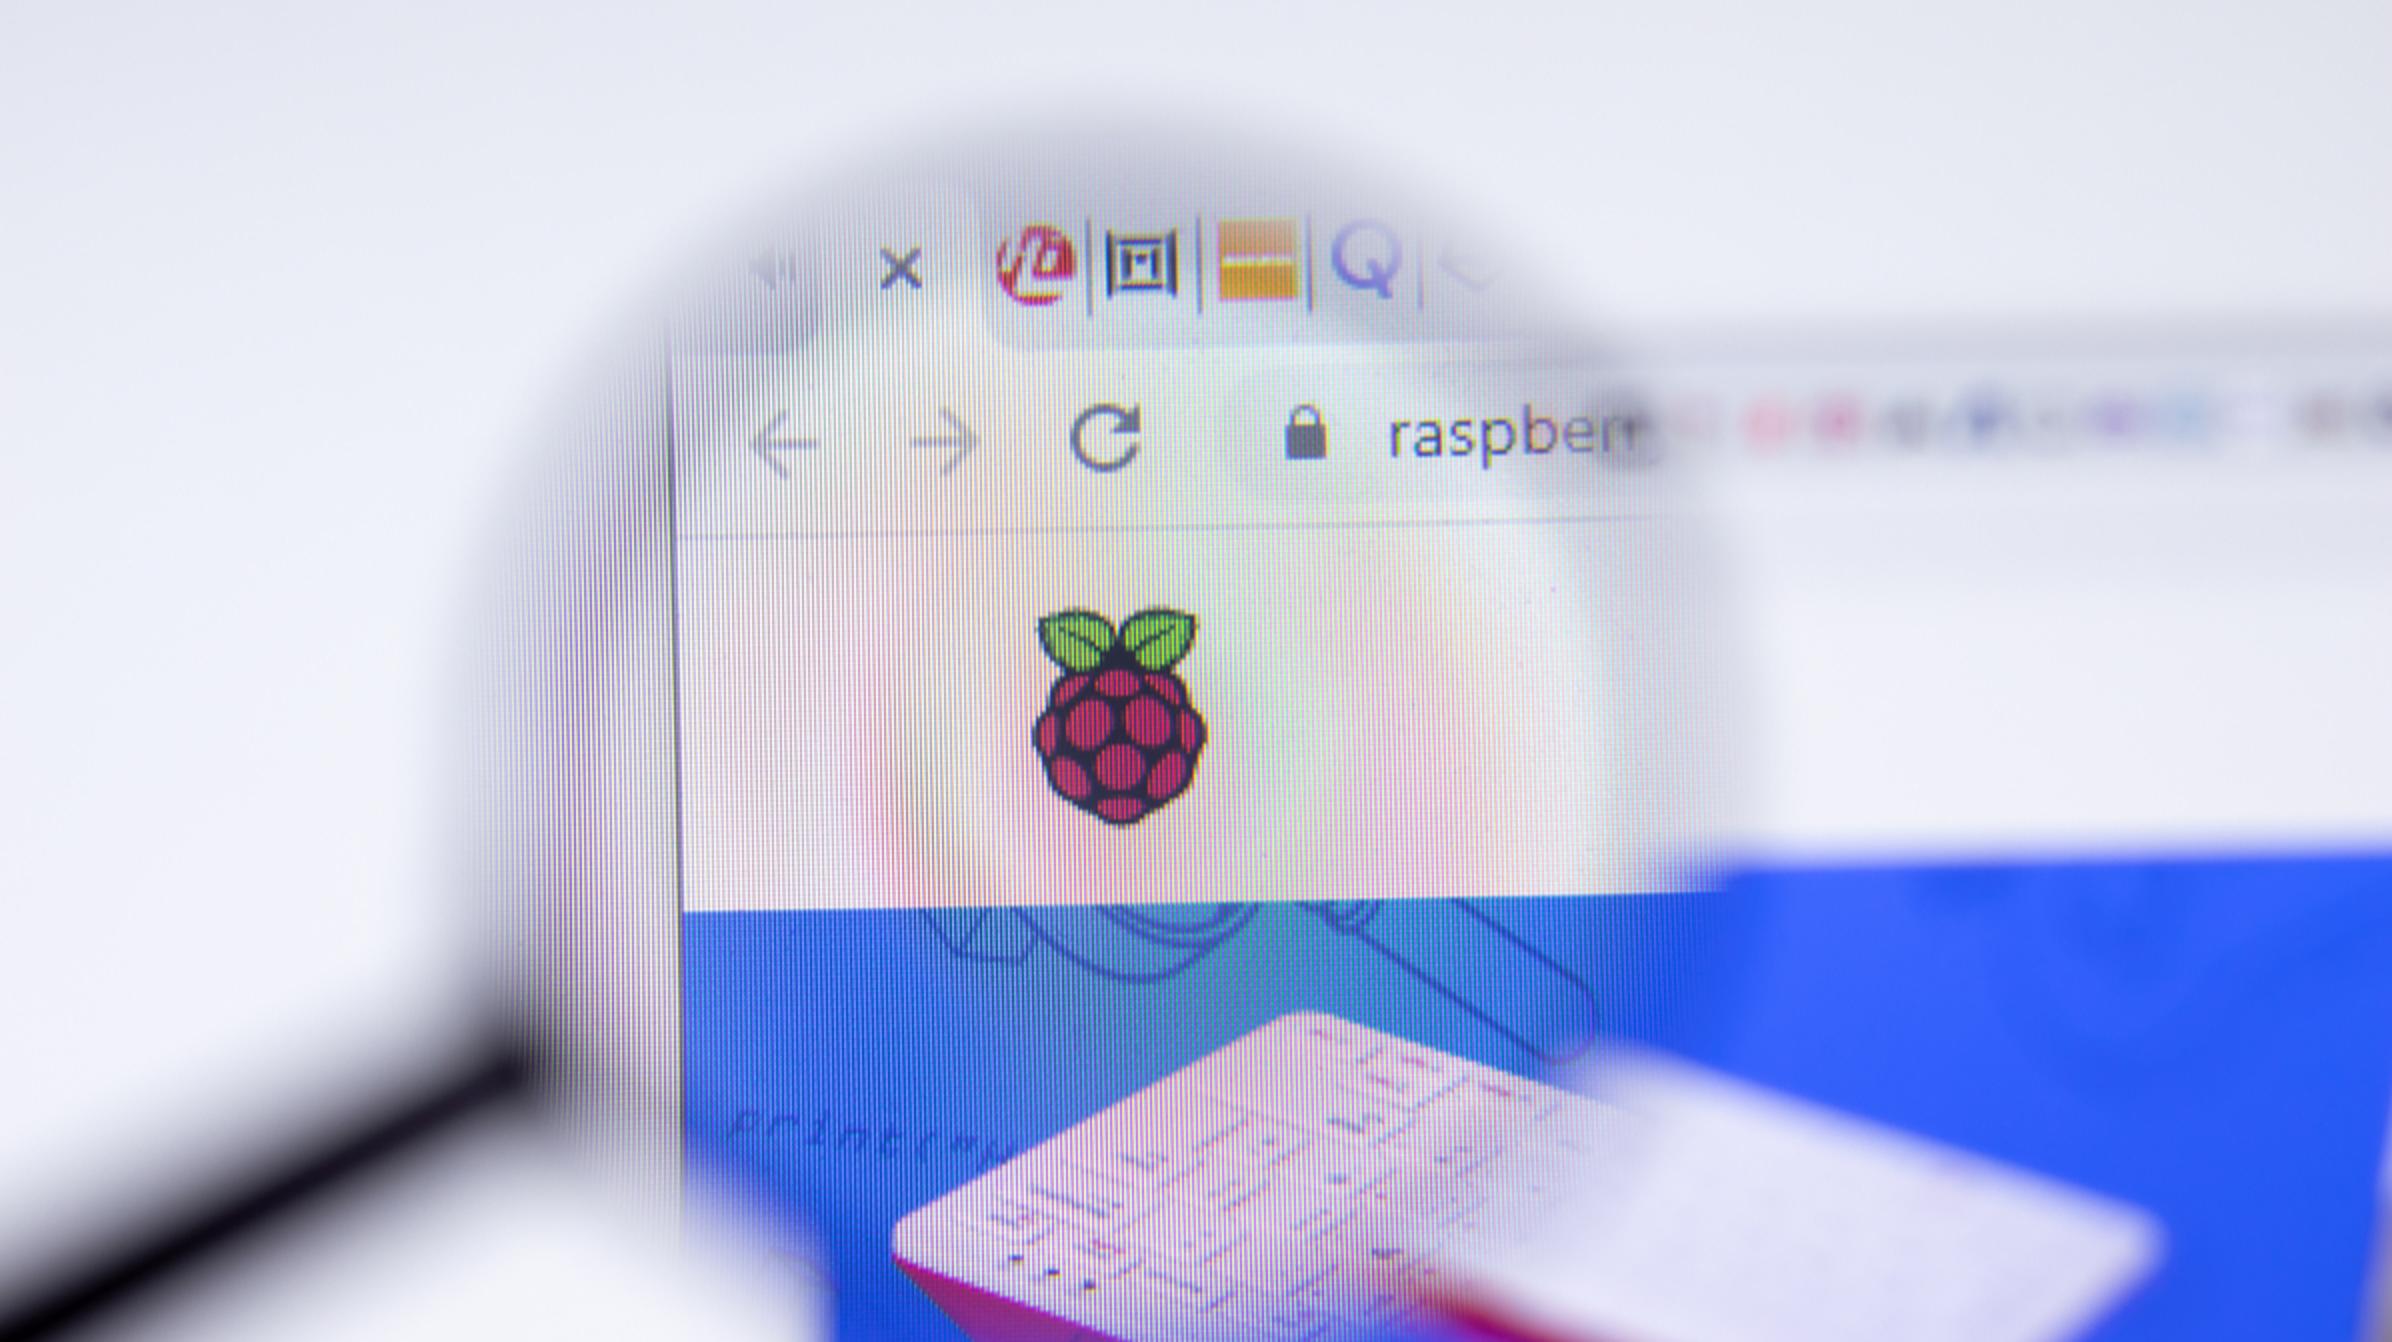 ¿Qué es la Raspberry Pi?